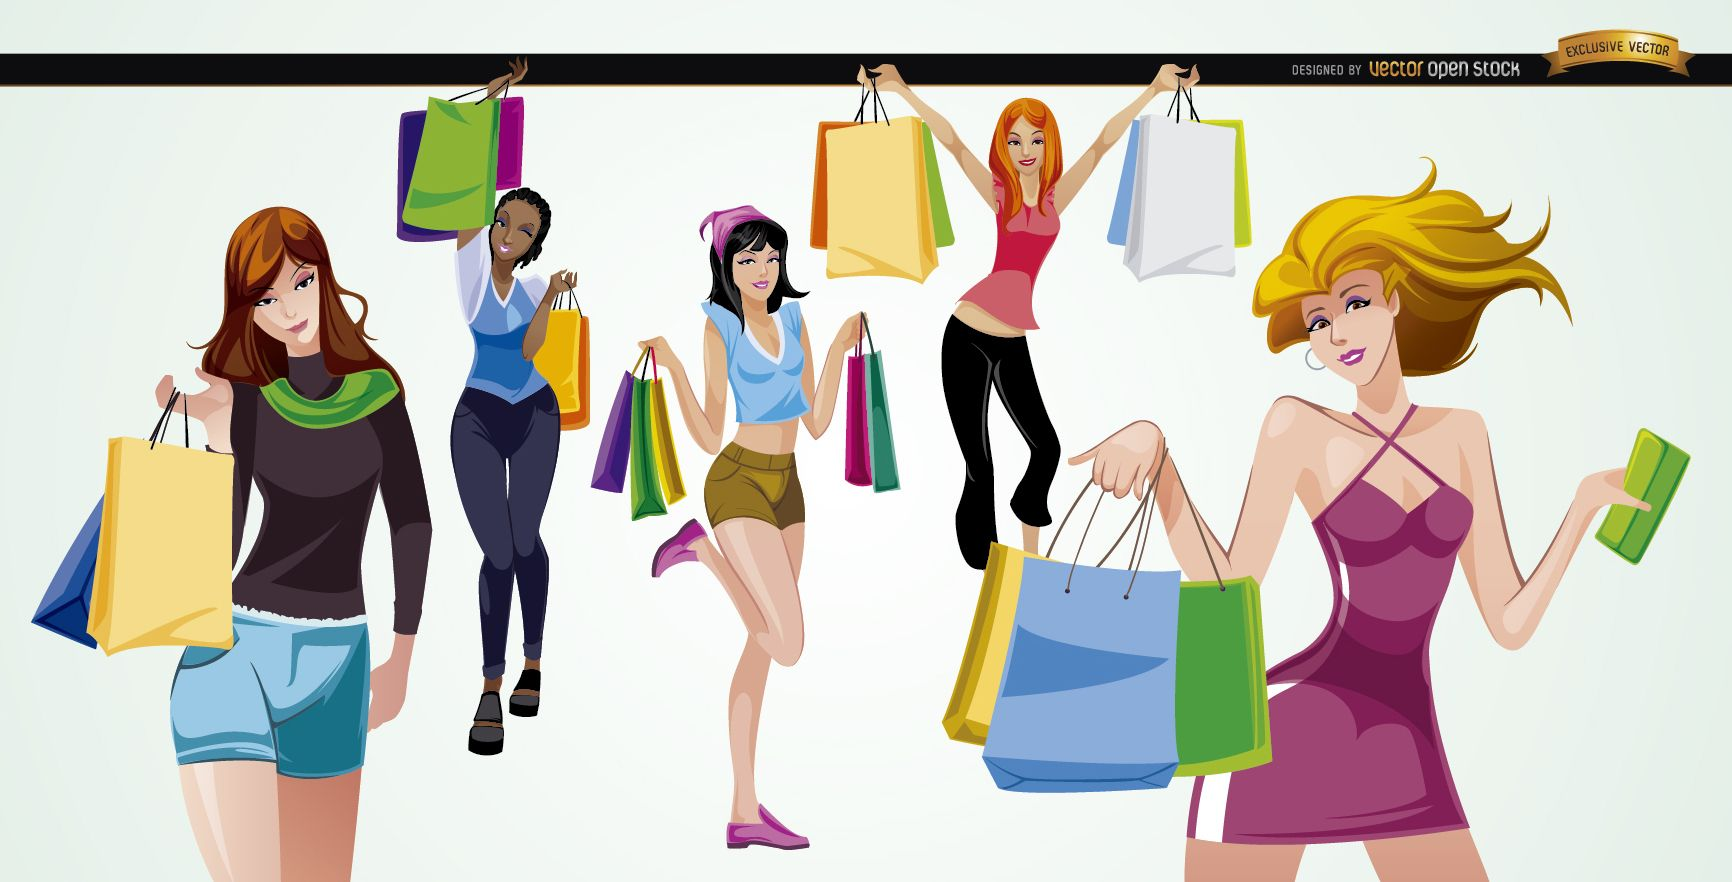 5 Meninas Com Sacolas De Compras Baixar Vector